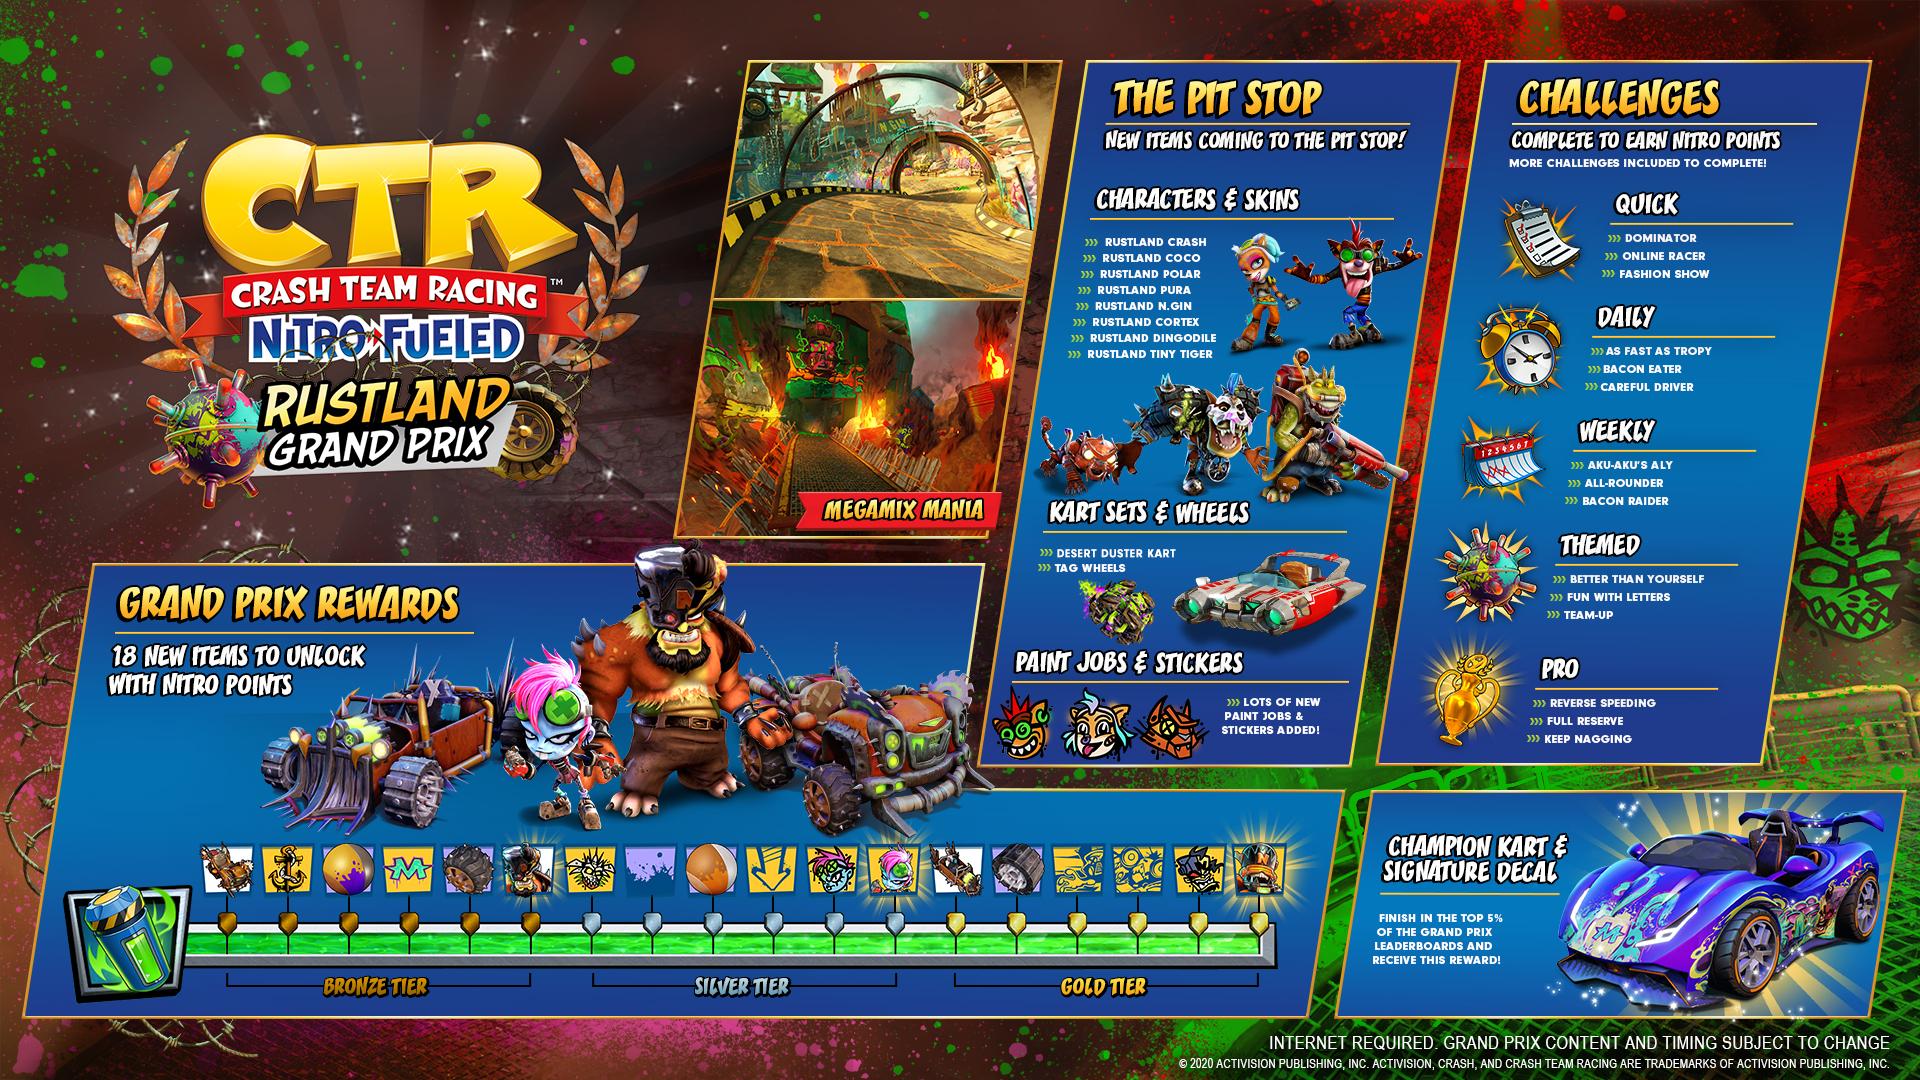 La imagen muestra las diversas recompensas y estilos de los personajes y karts de Rustland Grand Prix.